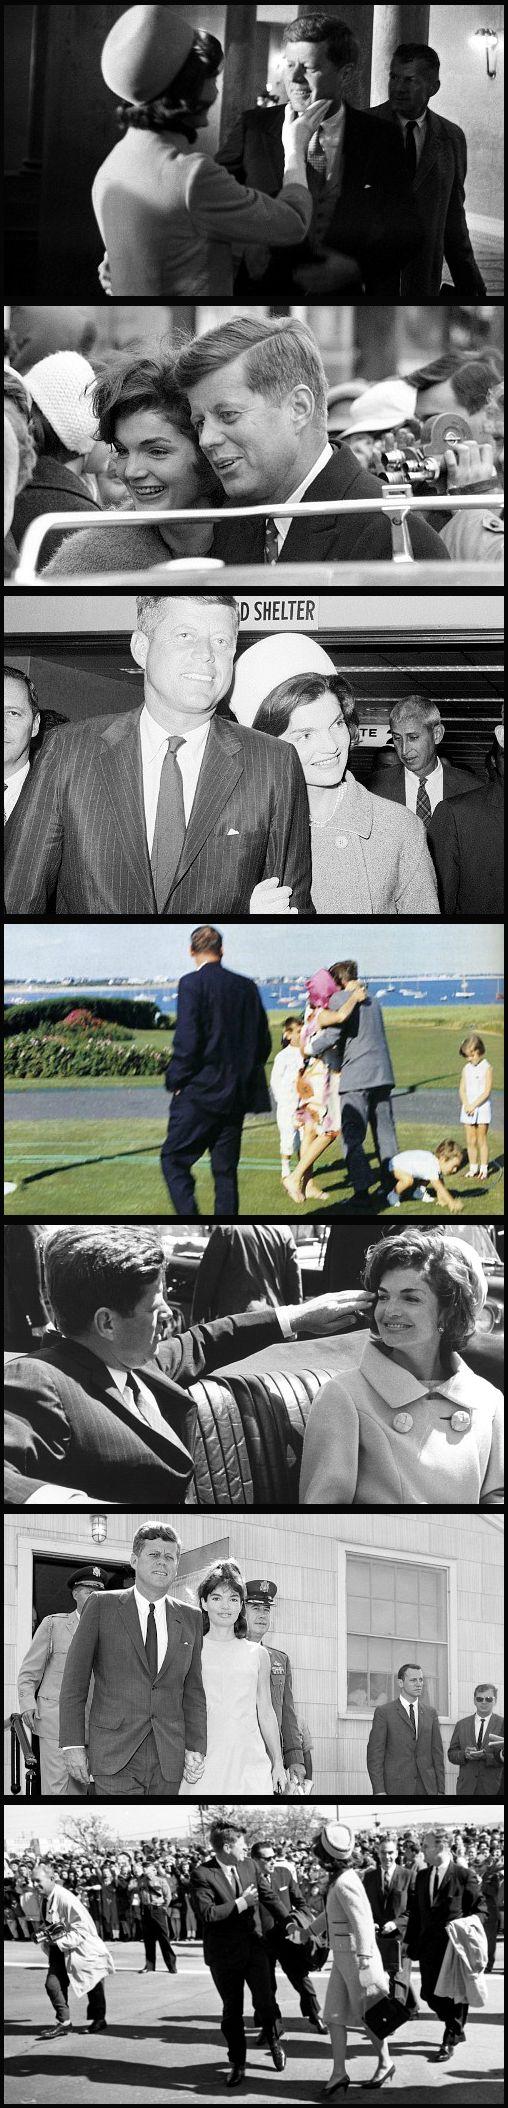 Las fotografías de John y Jackie Kennedy expresando abiertamente su afecto, lo cual fue un evento raro. Después de la Crisis de los Misiles de Cuba y especialmente después de la pérdida de su hijo Patrick, su relación se hizo más fuerte y Jack empezó a mostrar su aversión a las demostraciones públicas de afecto. La última foto es desgarrador, ya que se tomó sólo un par de horas antes de que JFK fue asesinado y es uno de los pocos tomado de ellos tomados de la mano.